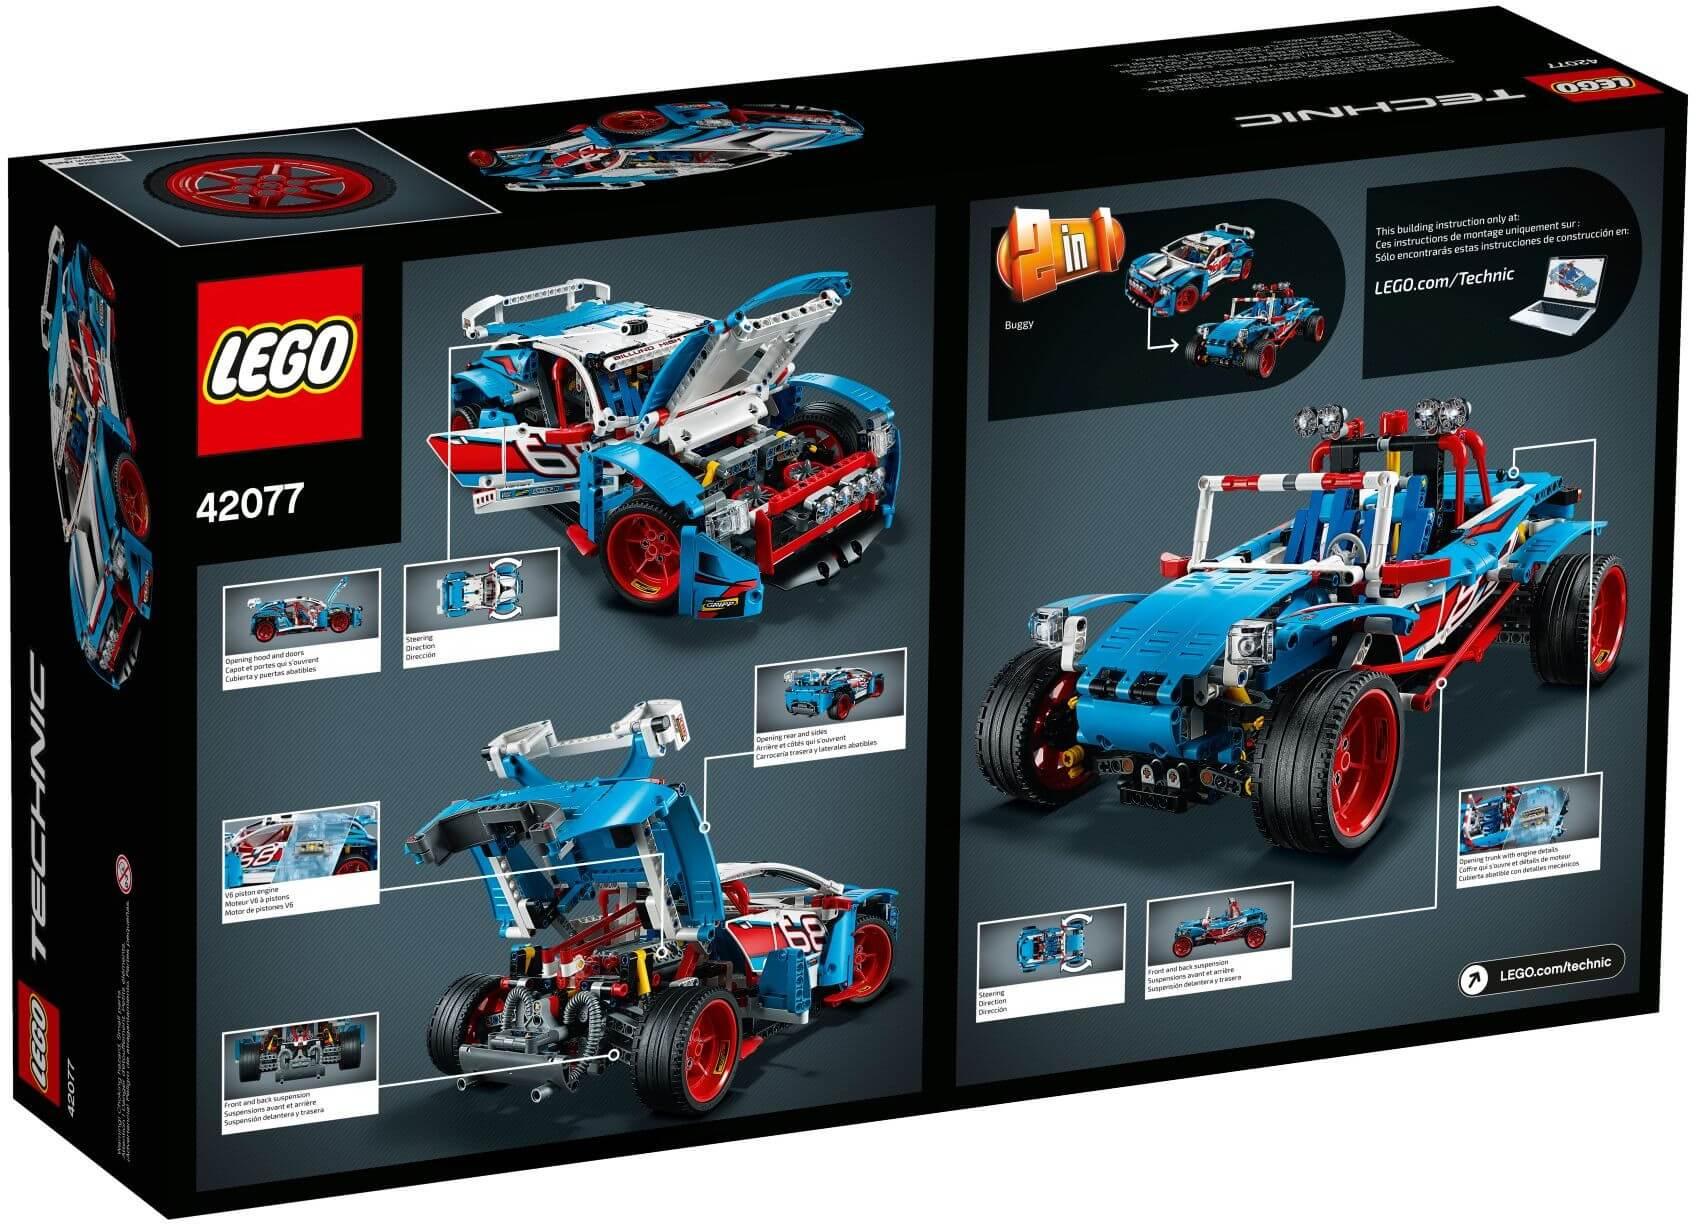 Mua đồ chơi LEGO 42077 - LEGO Technic 42077 - Xe Đua Địa Hình (LEGO Technic 42077 Rally Car)